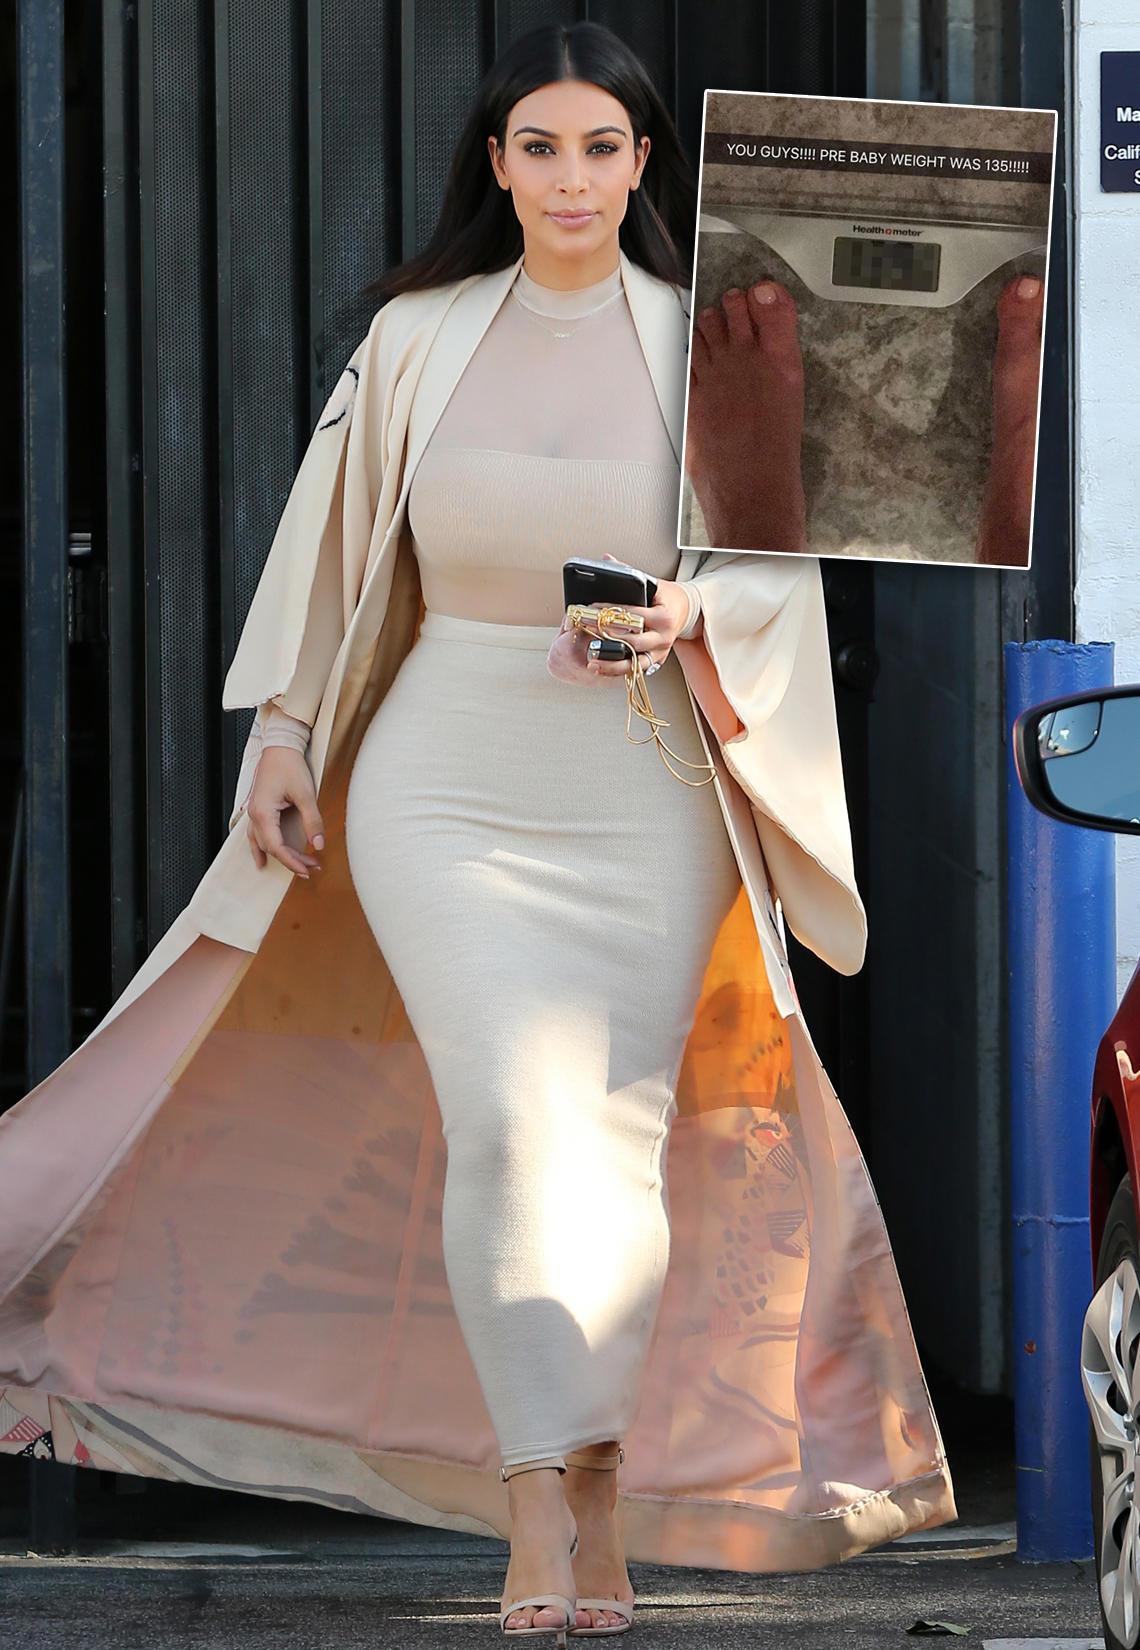 Kim Kardashian: Sie zeigt ihr Gewicht auf der Waage